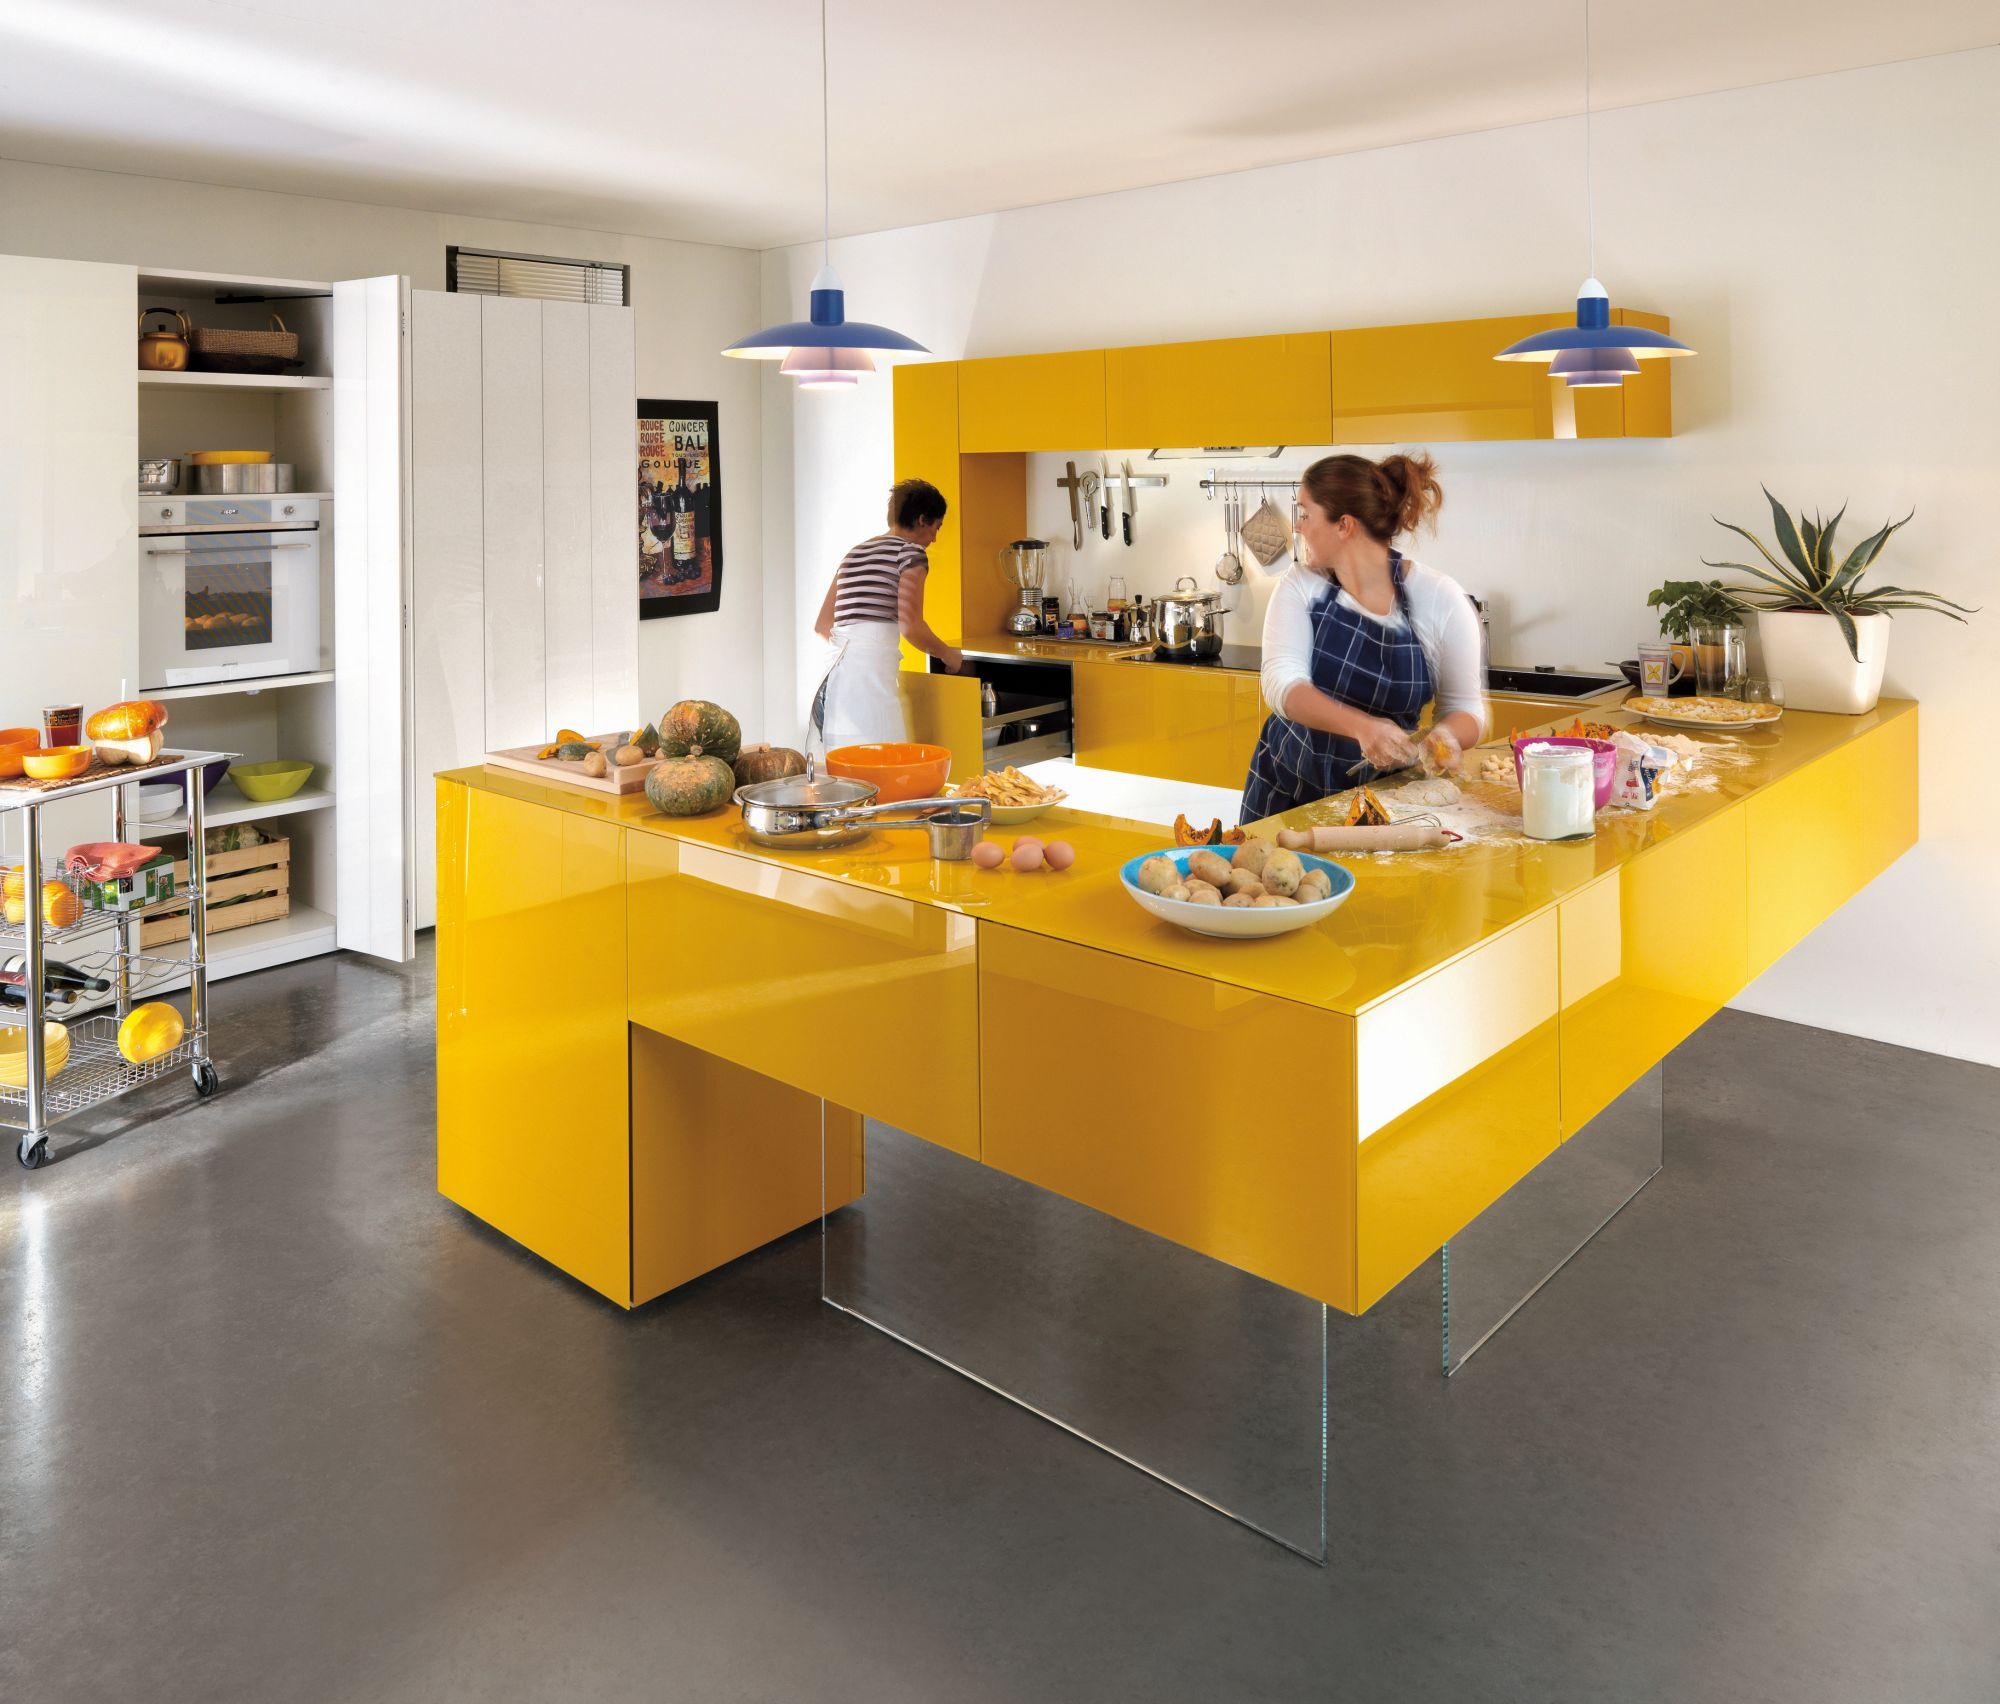 Современная глянцевая желтая кухня